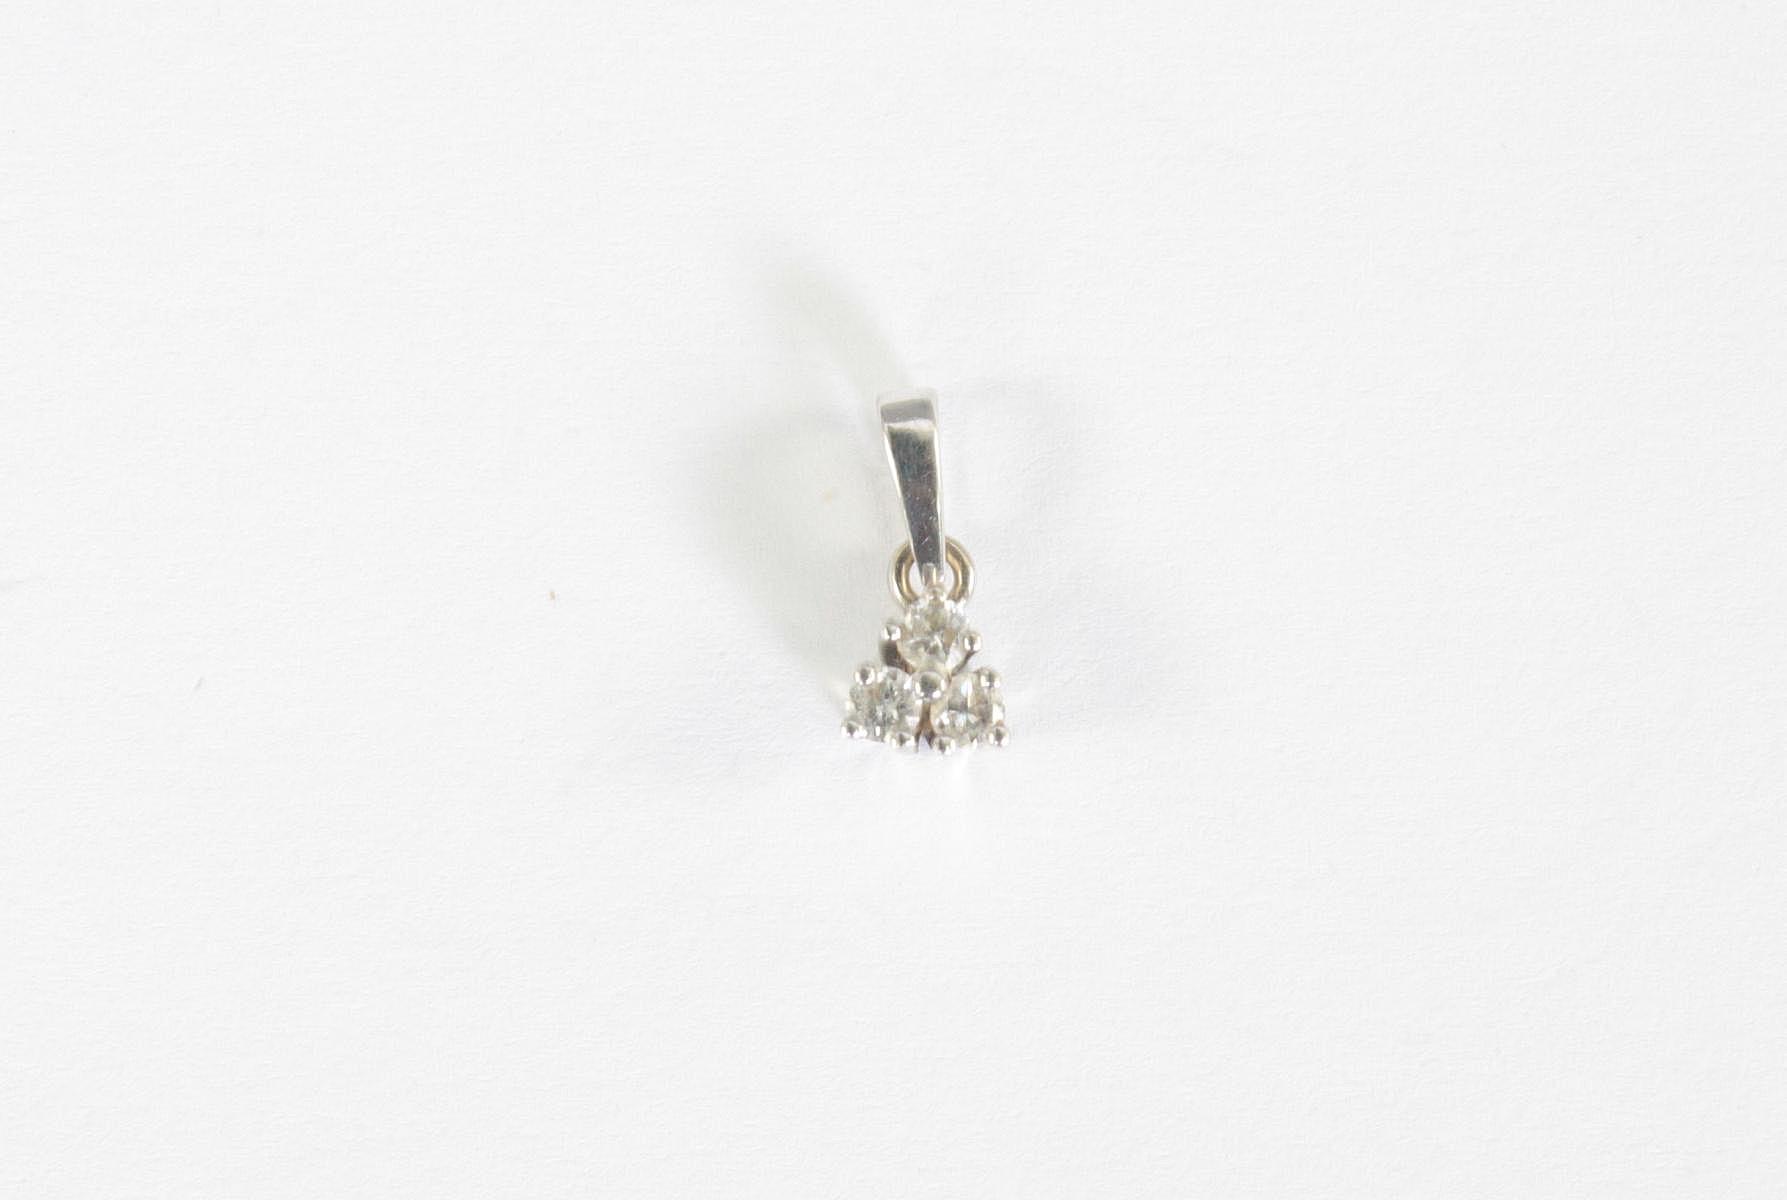 Anhänger mit Diamanten, 14 Karat Weißgold